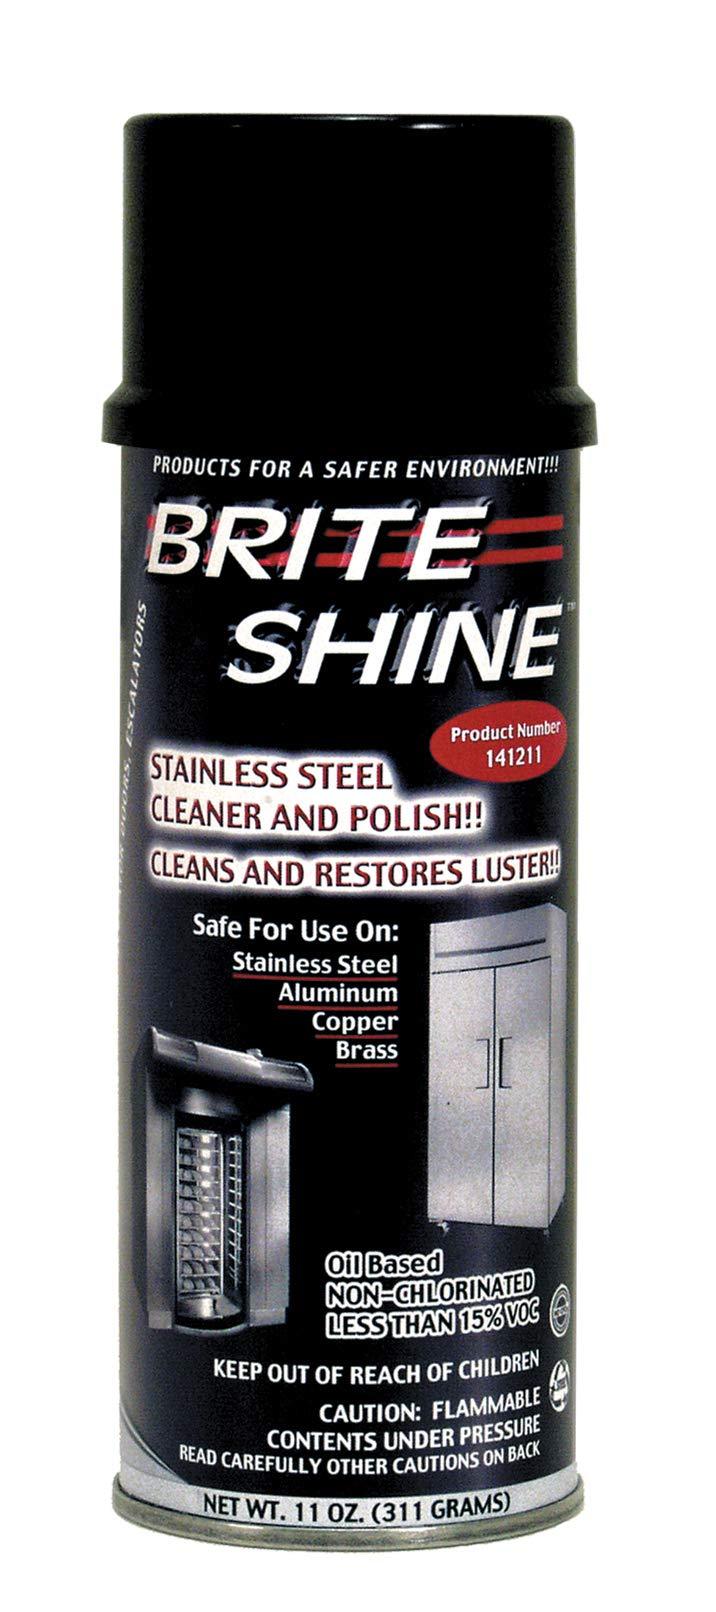 Brite Shine Aerosol Clean & Polish, 12 Case - 11 Ounce